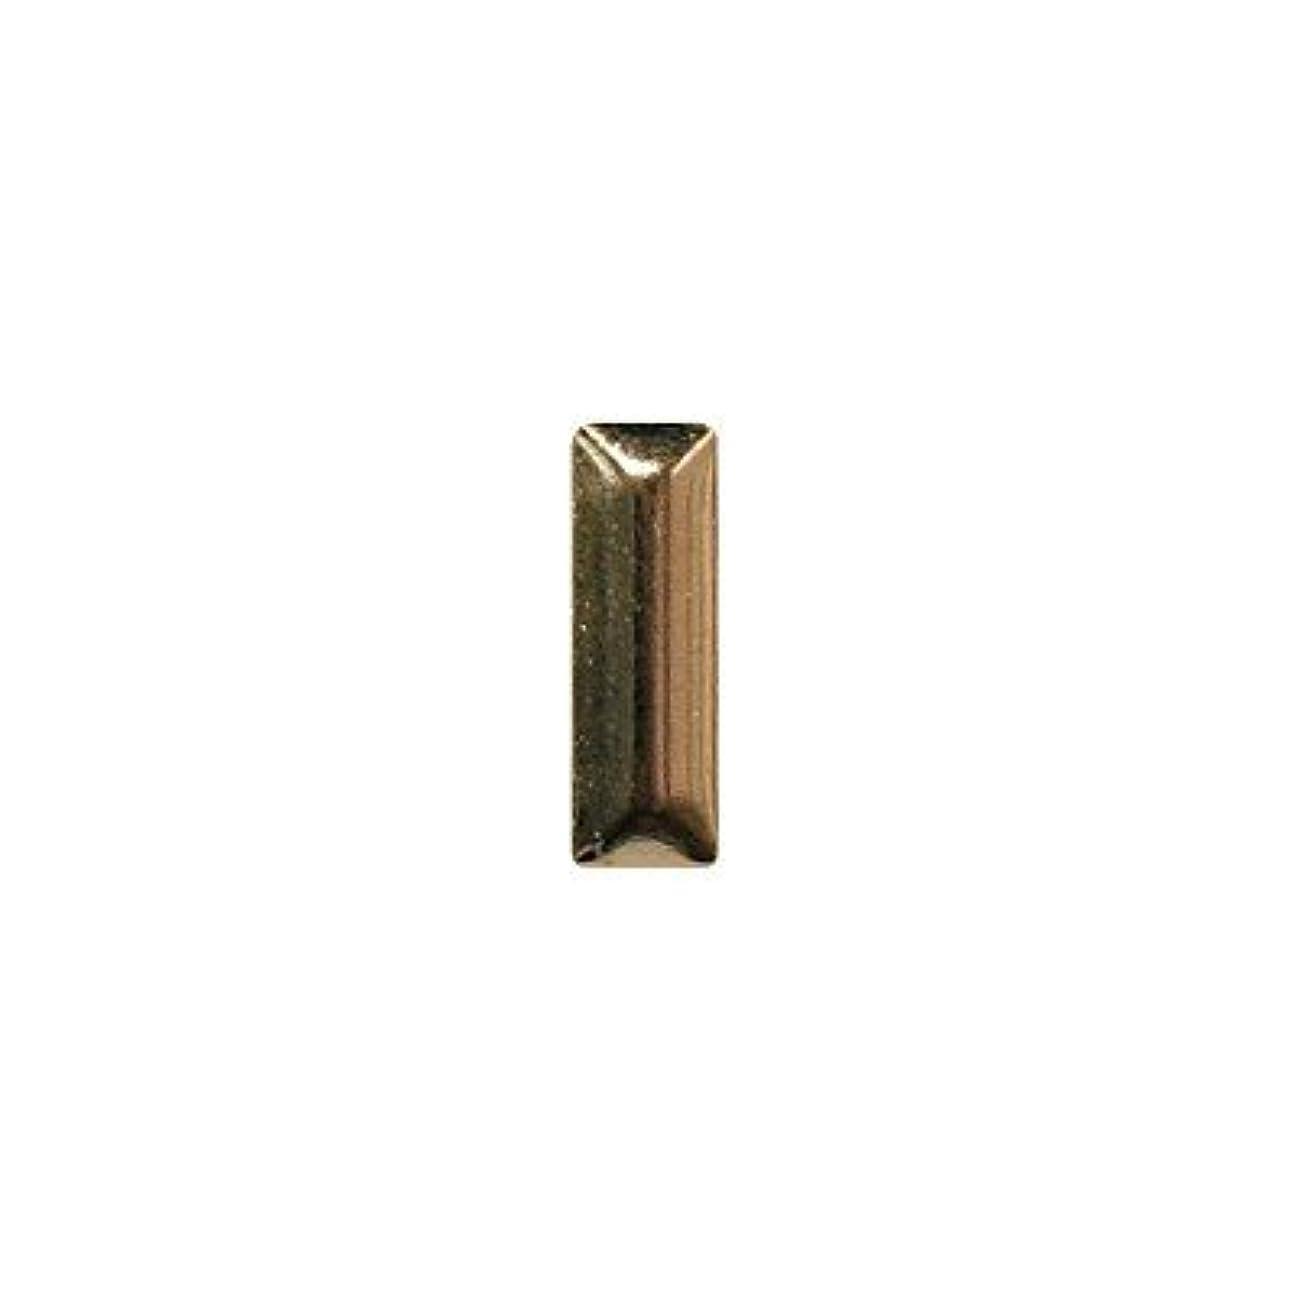 場所政令イディオムピアドラ スタッズ メタル長方形 2×6mm 50P ゴールド